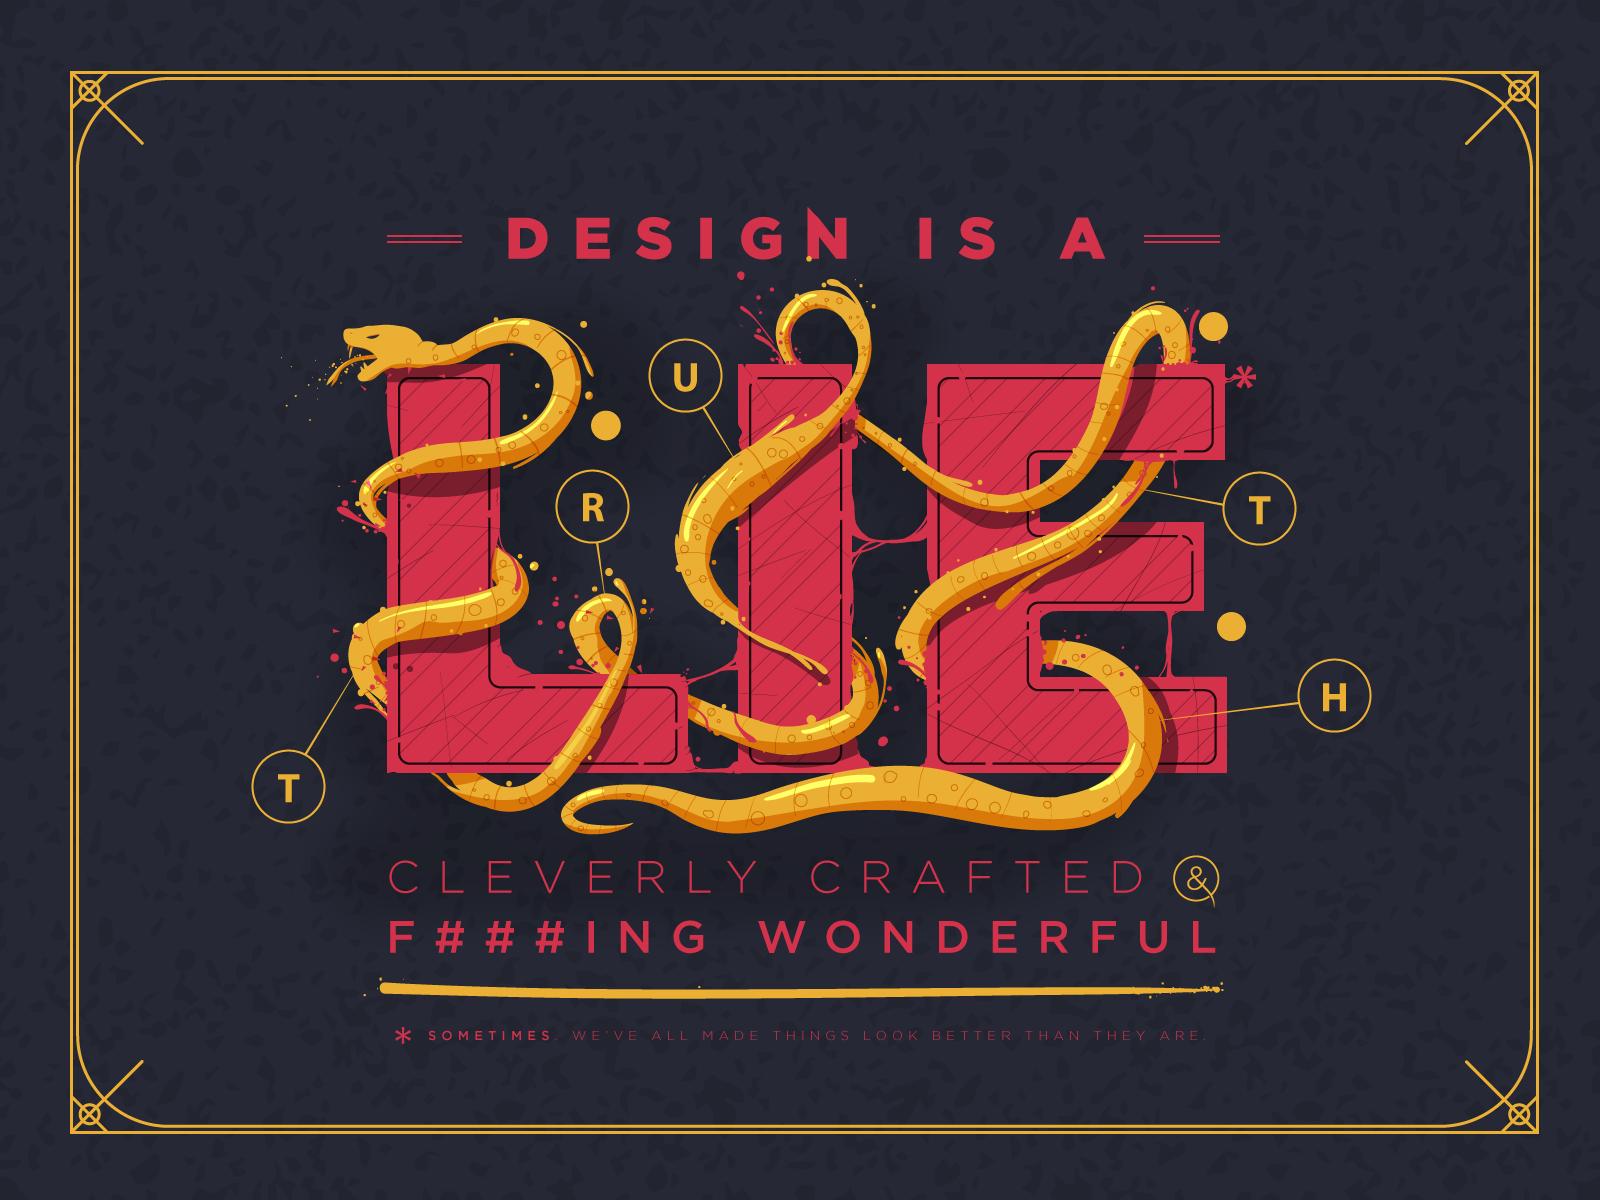 Design is a lie